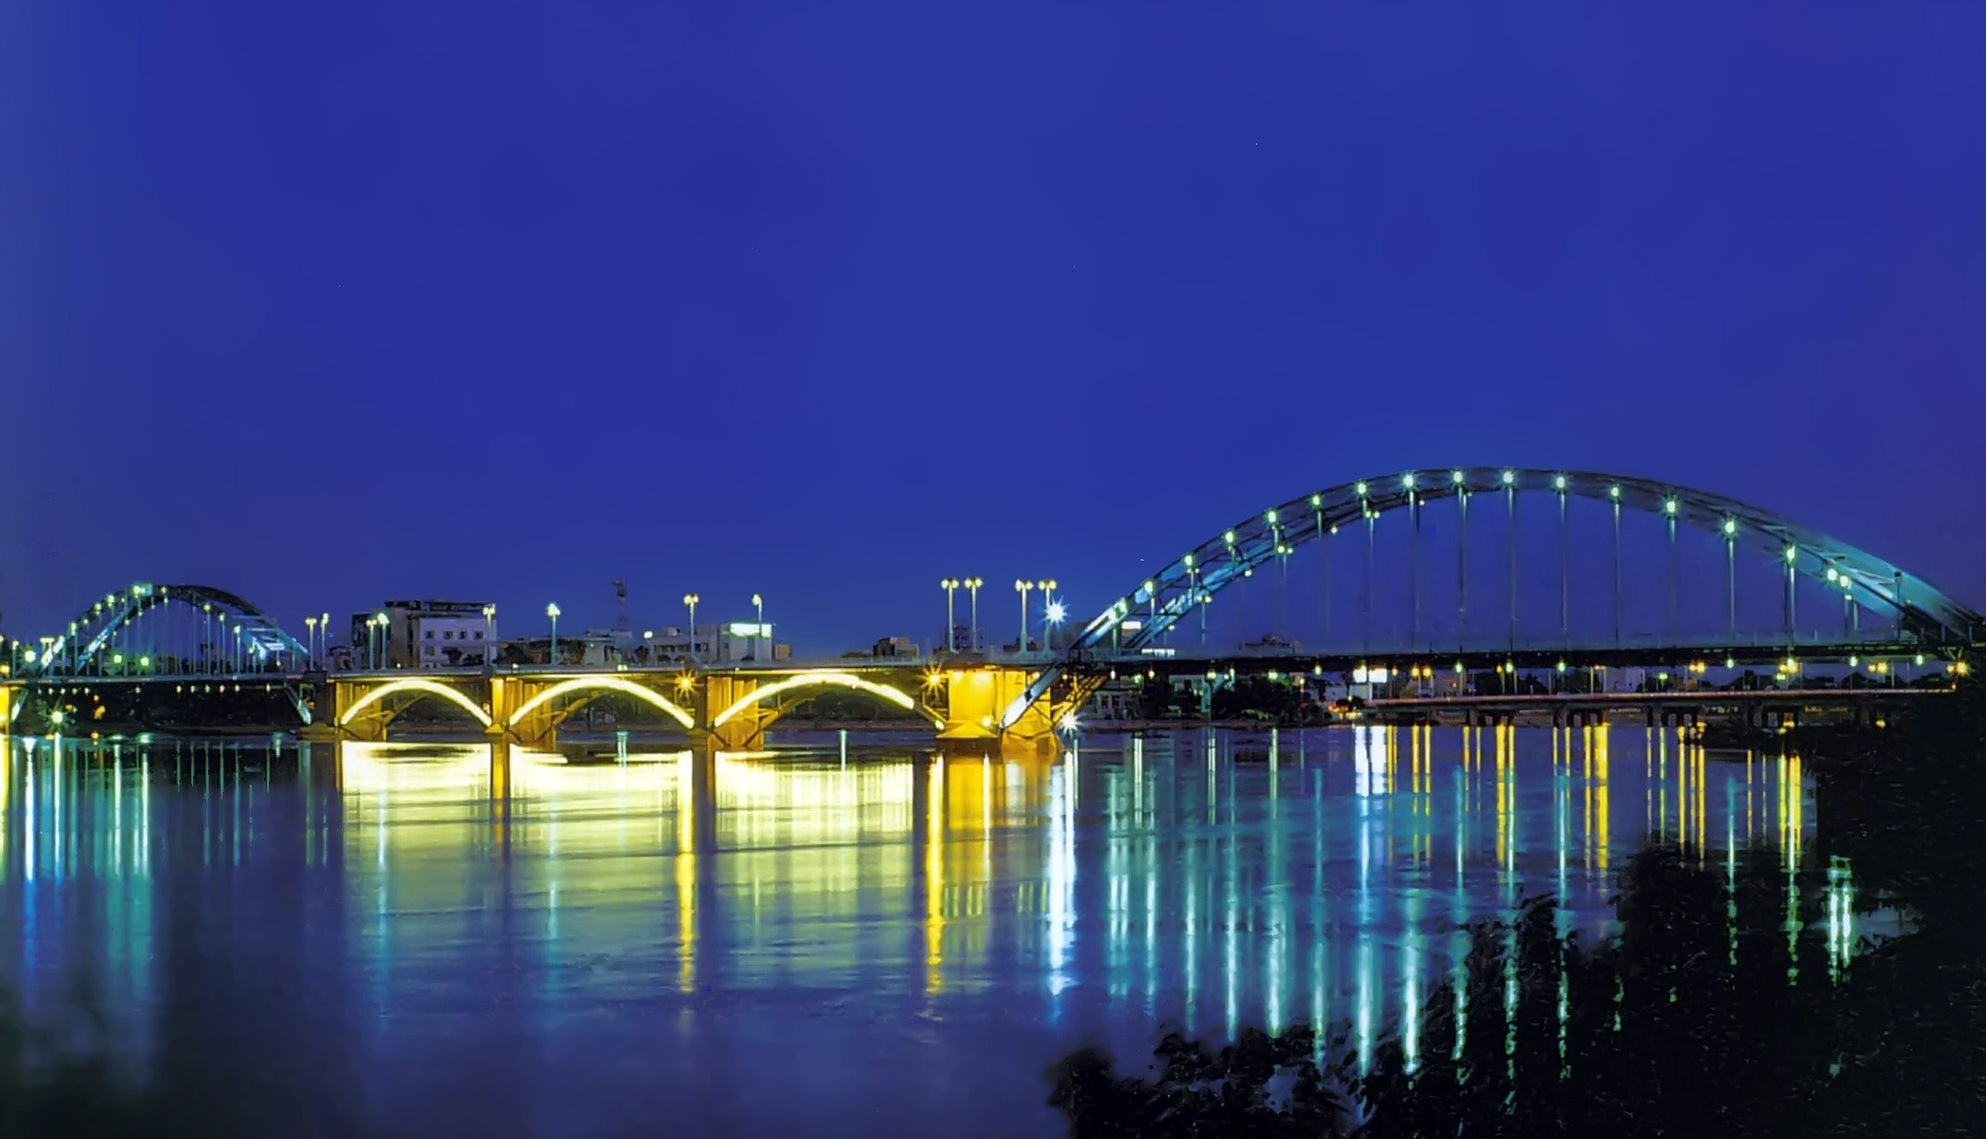 پل سفید